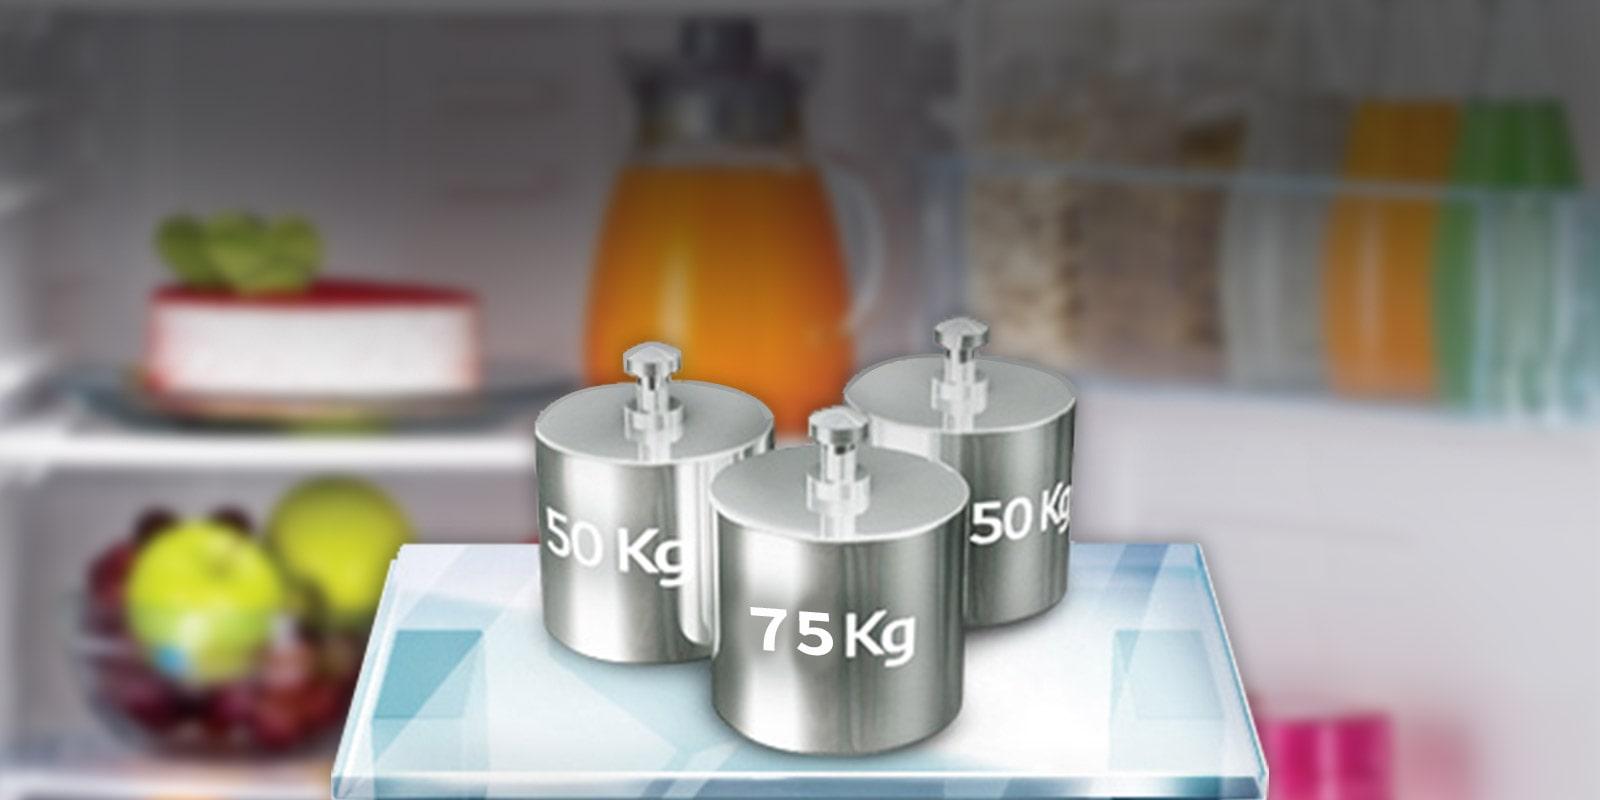 LG GL-B221ASCY 215 ltr Spillproof toughened glass shelves